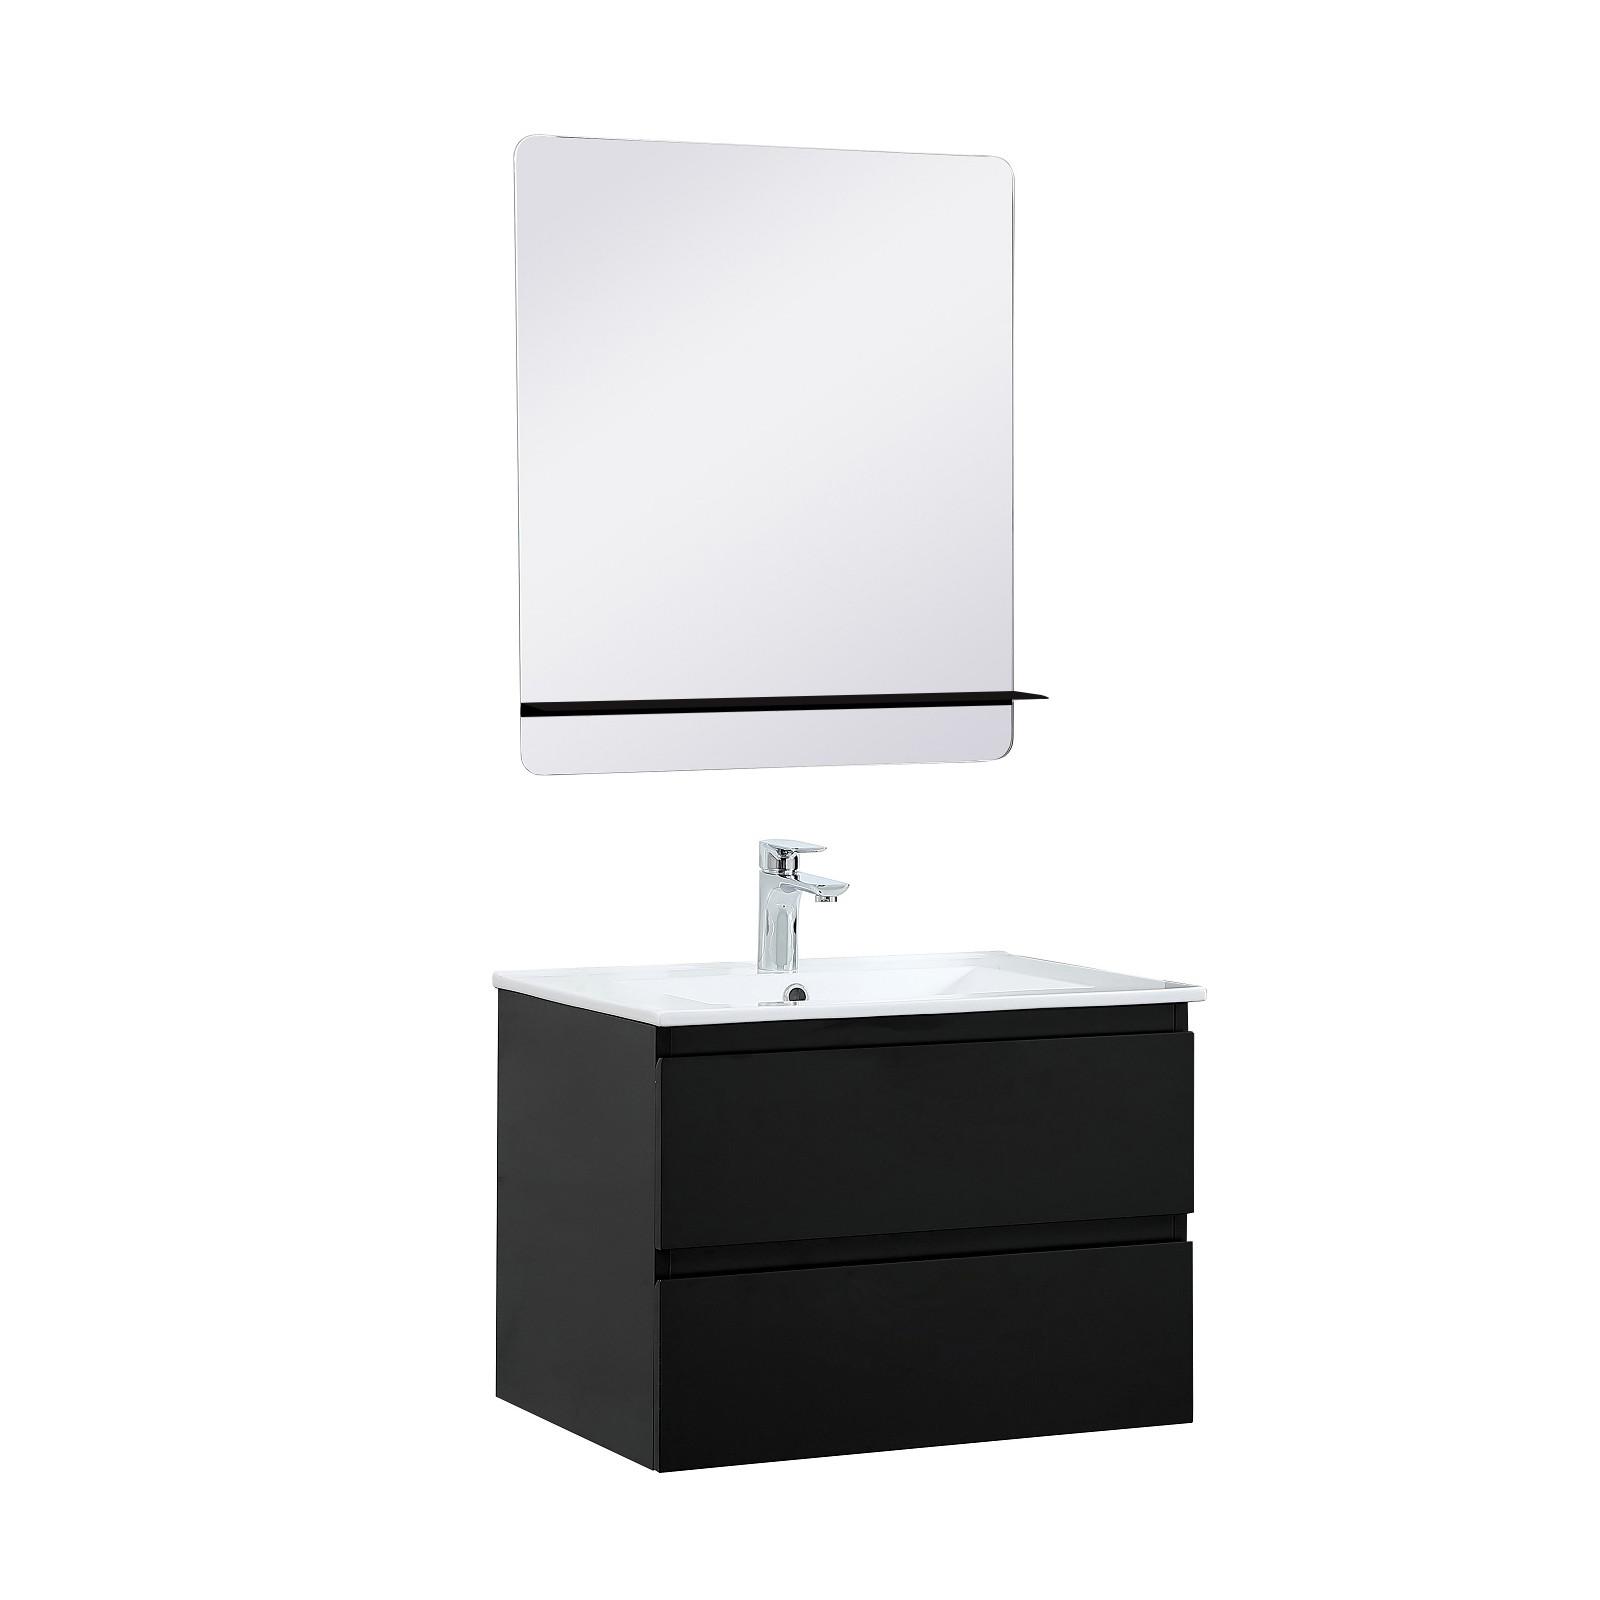 Meuble Salle de Bain 60 cm Suspendu Noir Carbone + Miroir tablette Noire SORRENTO